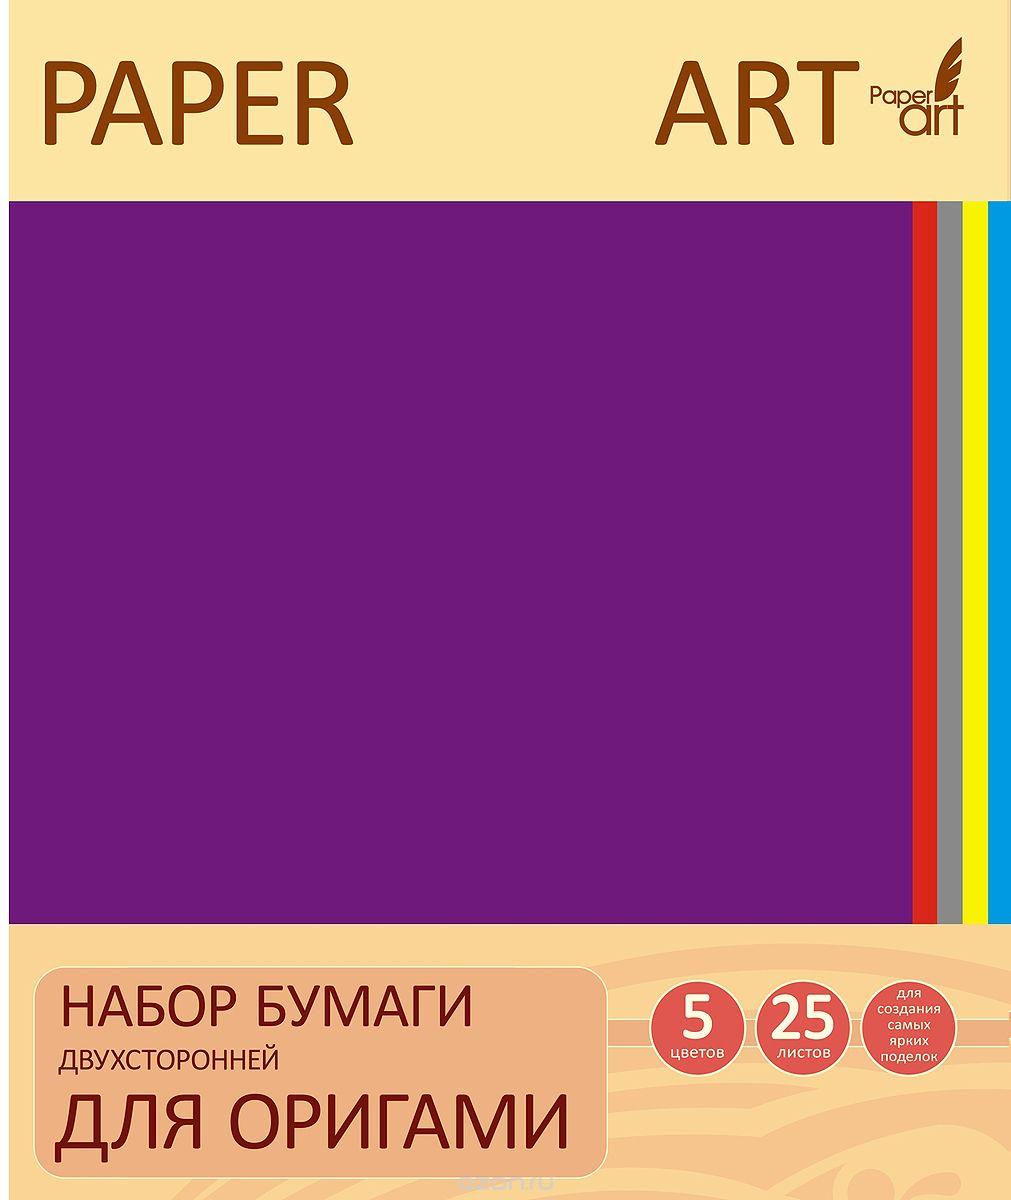 Бумага д/оригами 20*20 25л 5цв Классика цвета